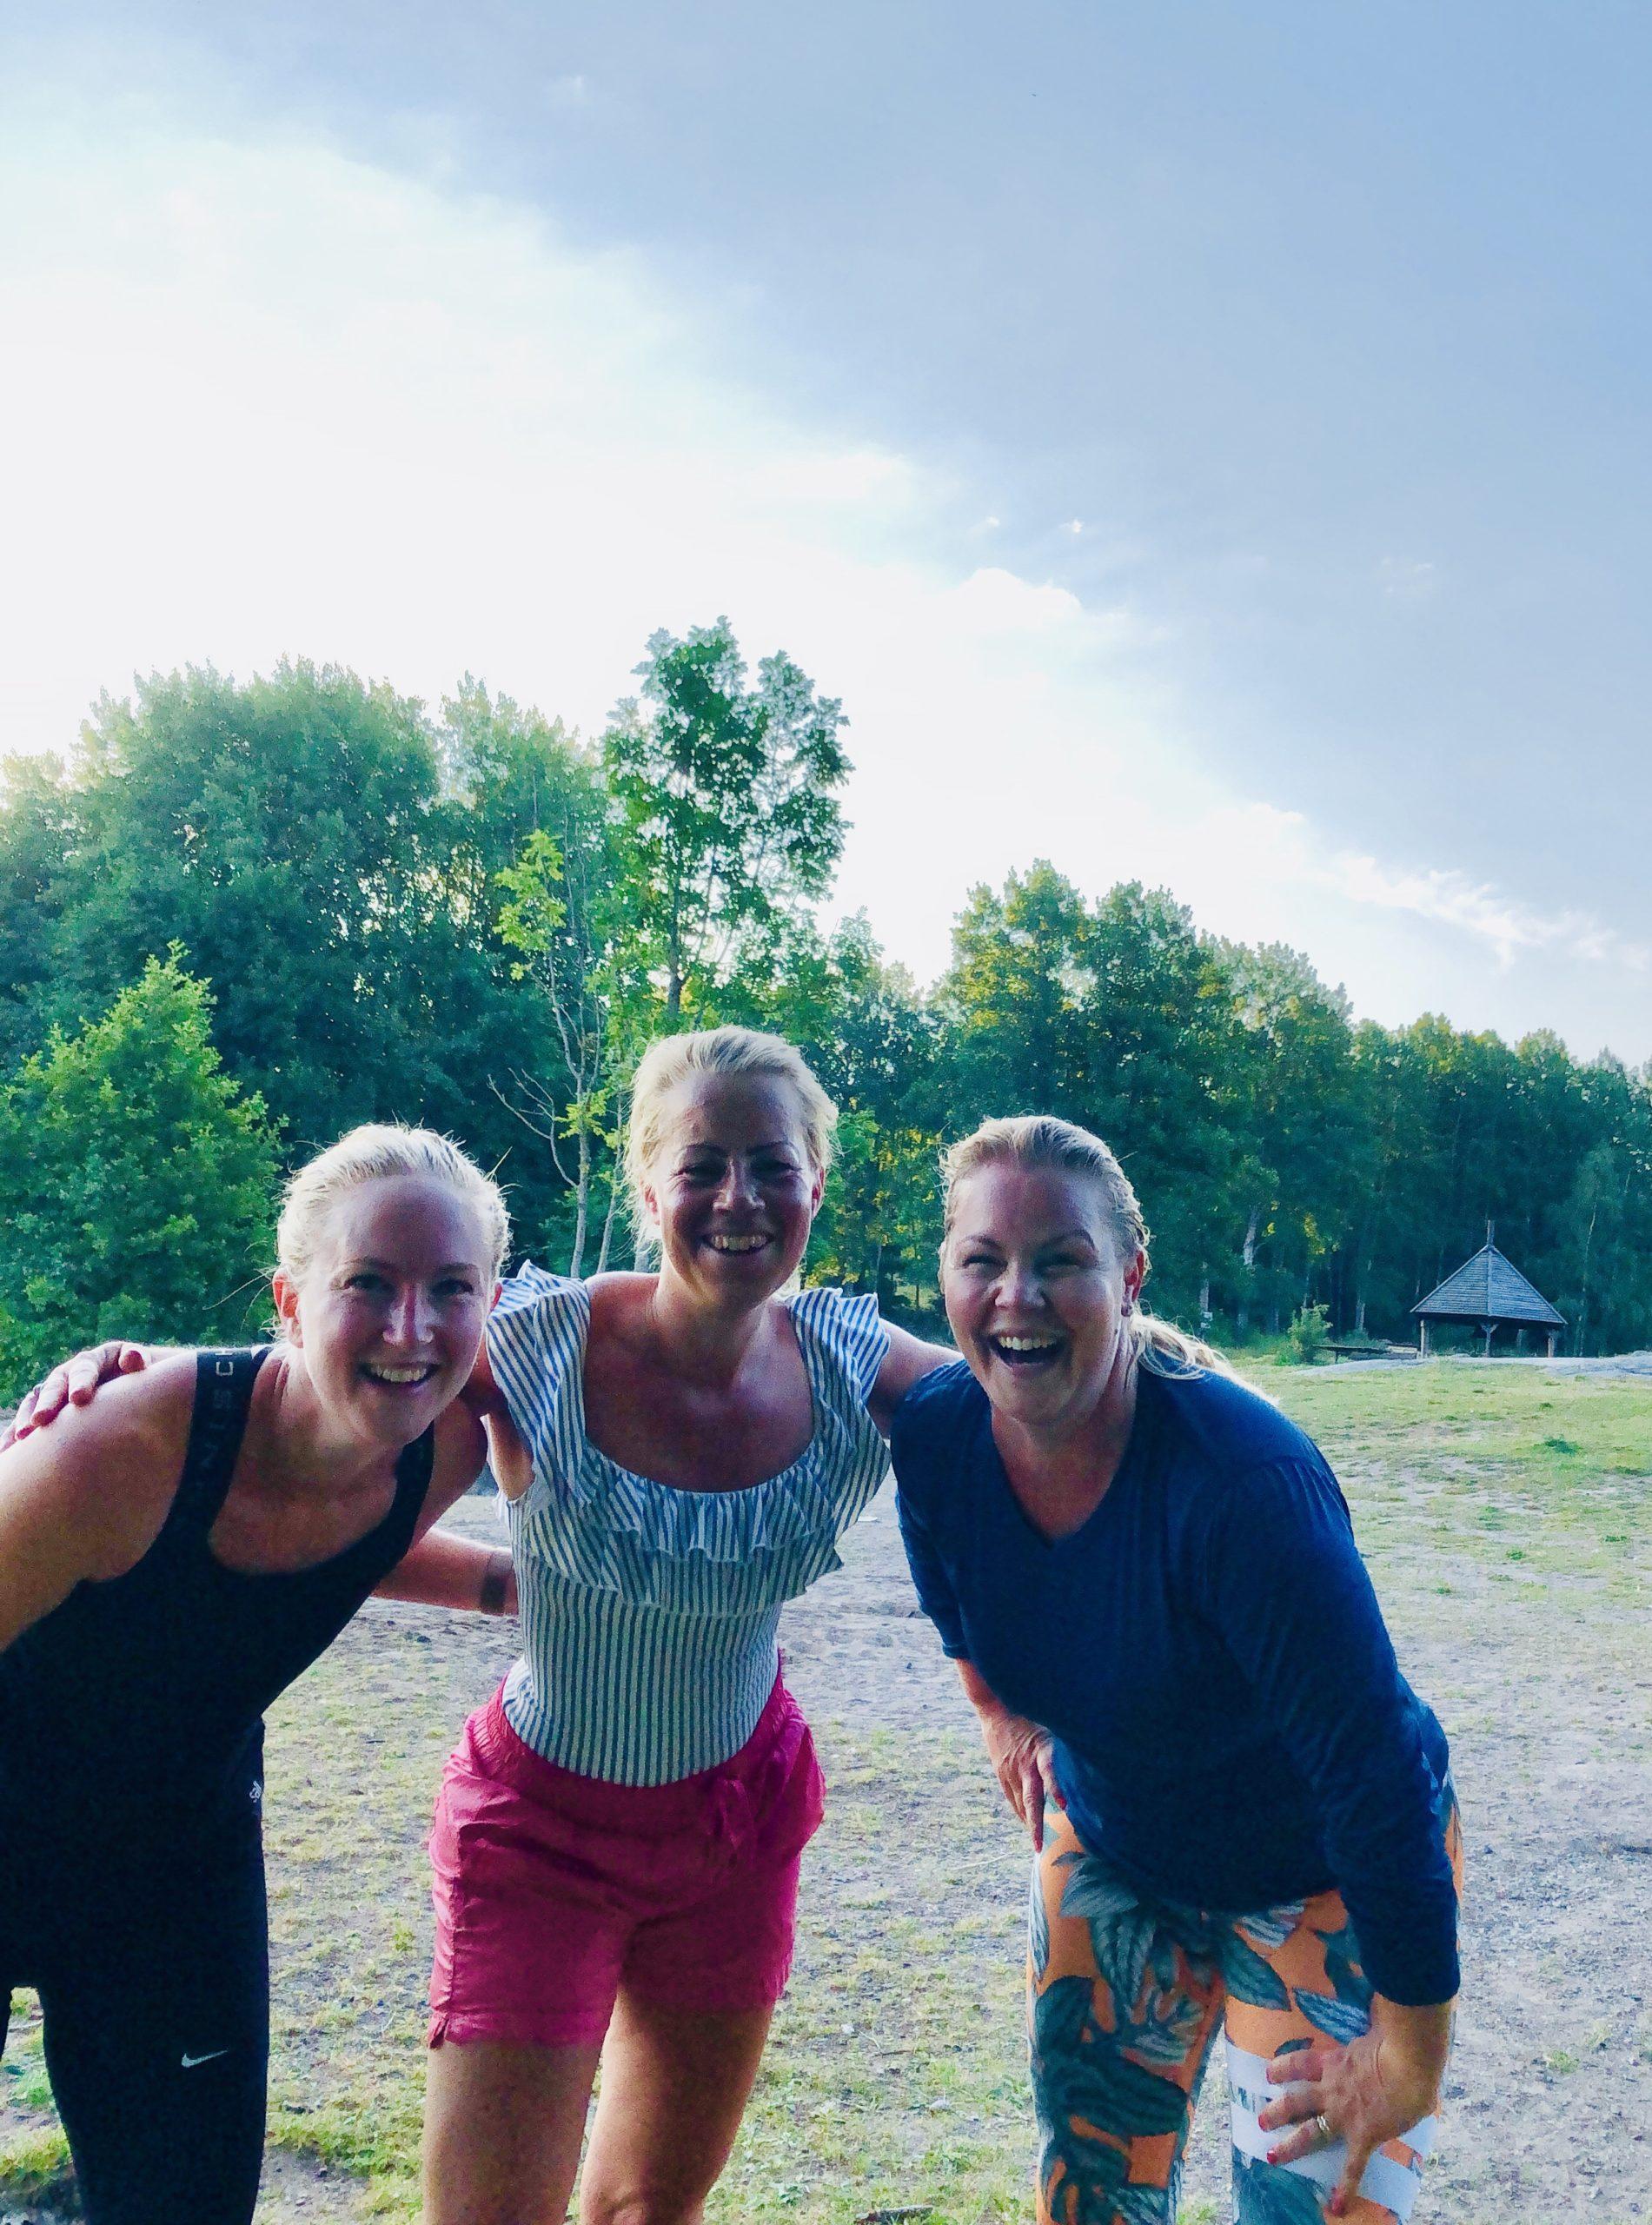 Springa med vänner - Badplatsen Hällkana, Lejondalssjön